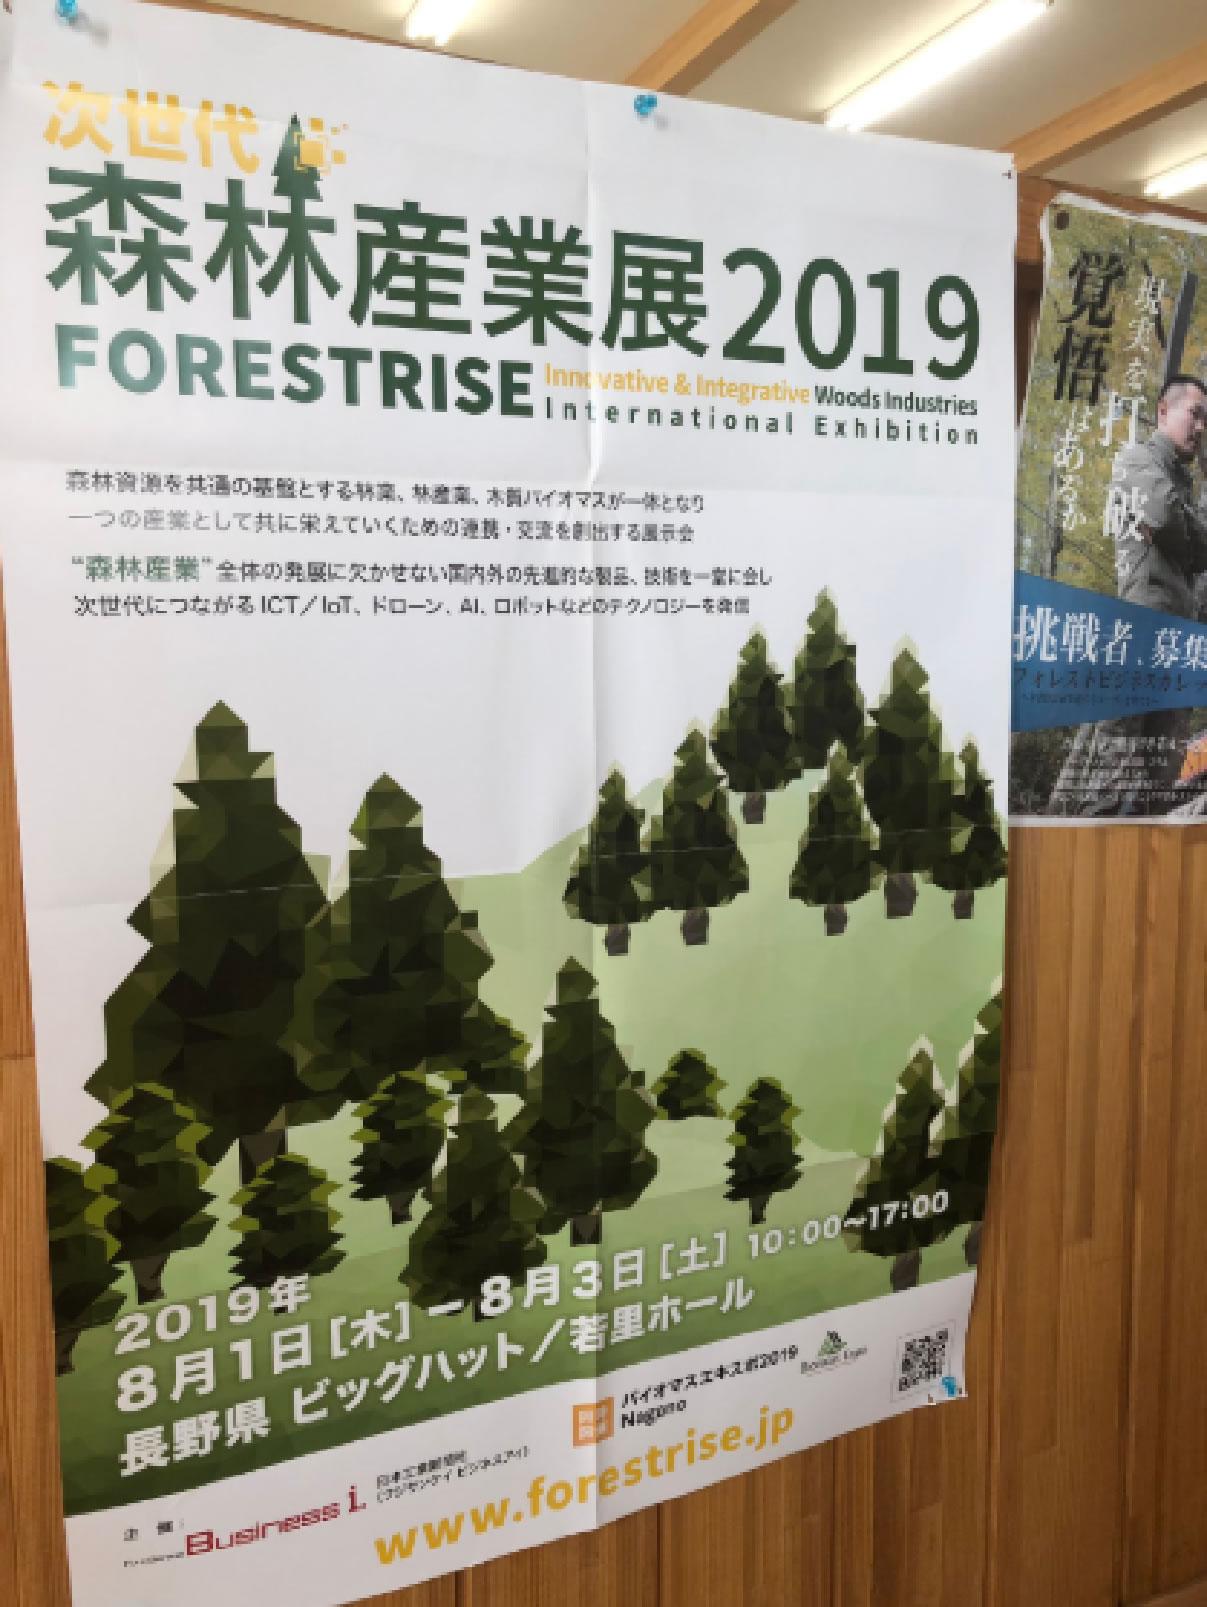 次世代森林産業展